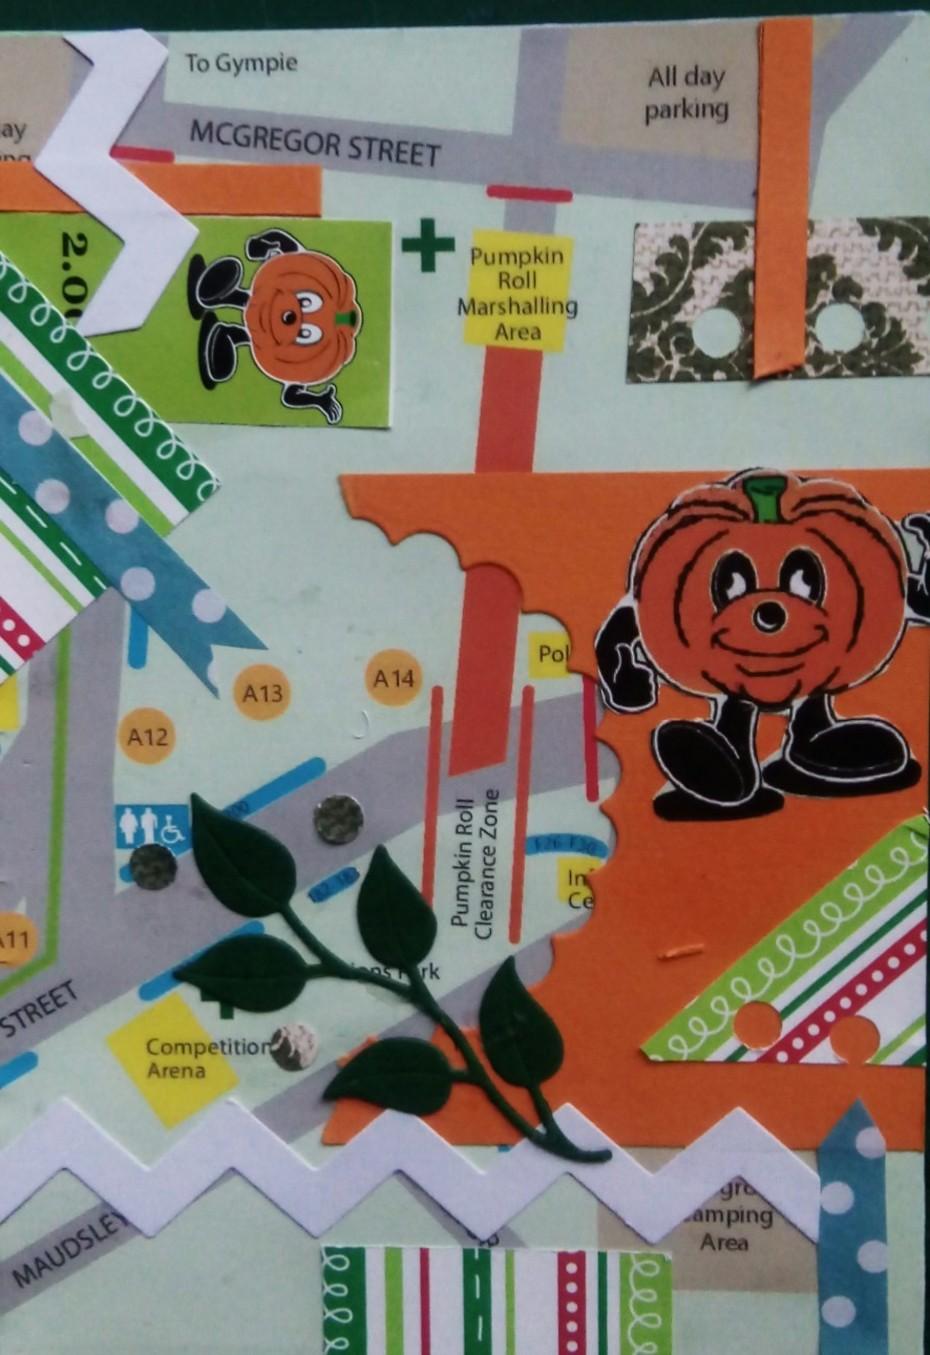 Outgoing-pumpkin propaganda